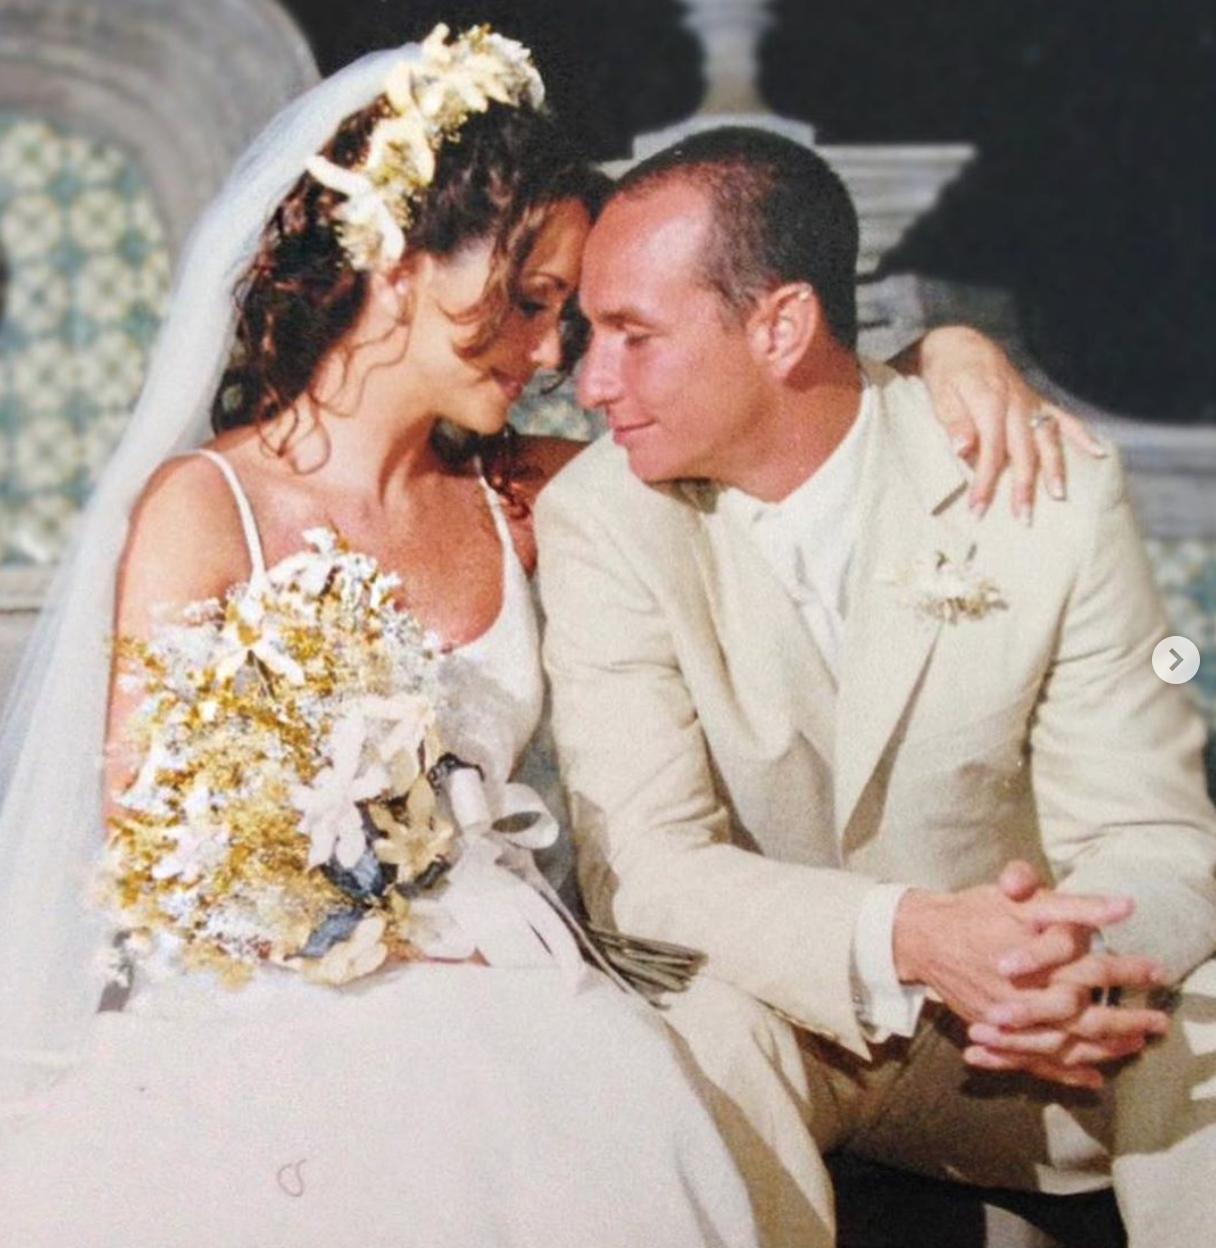 Erik Rubin aniversario boda andrea legarreta